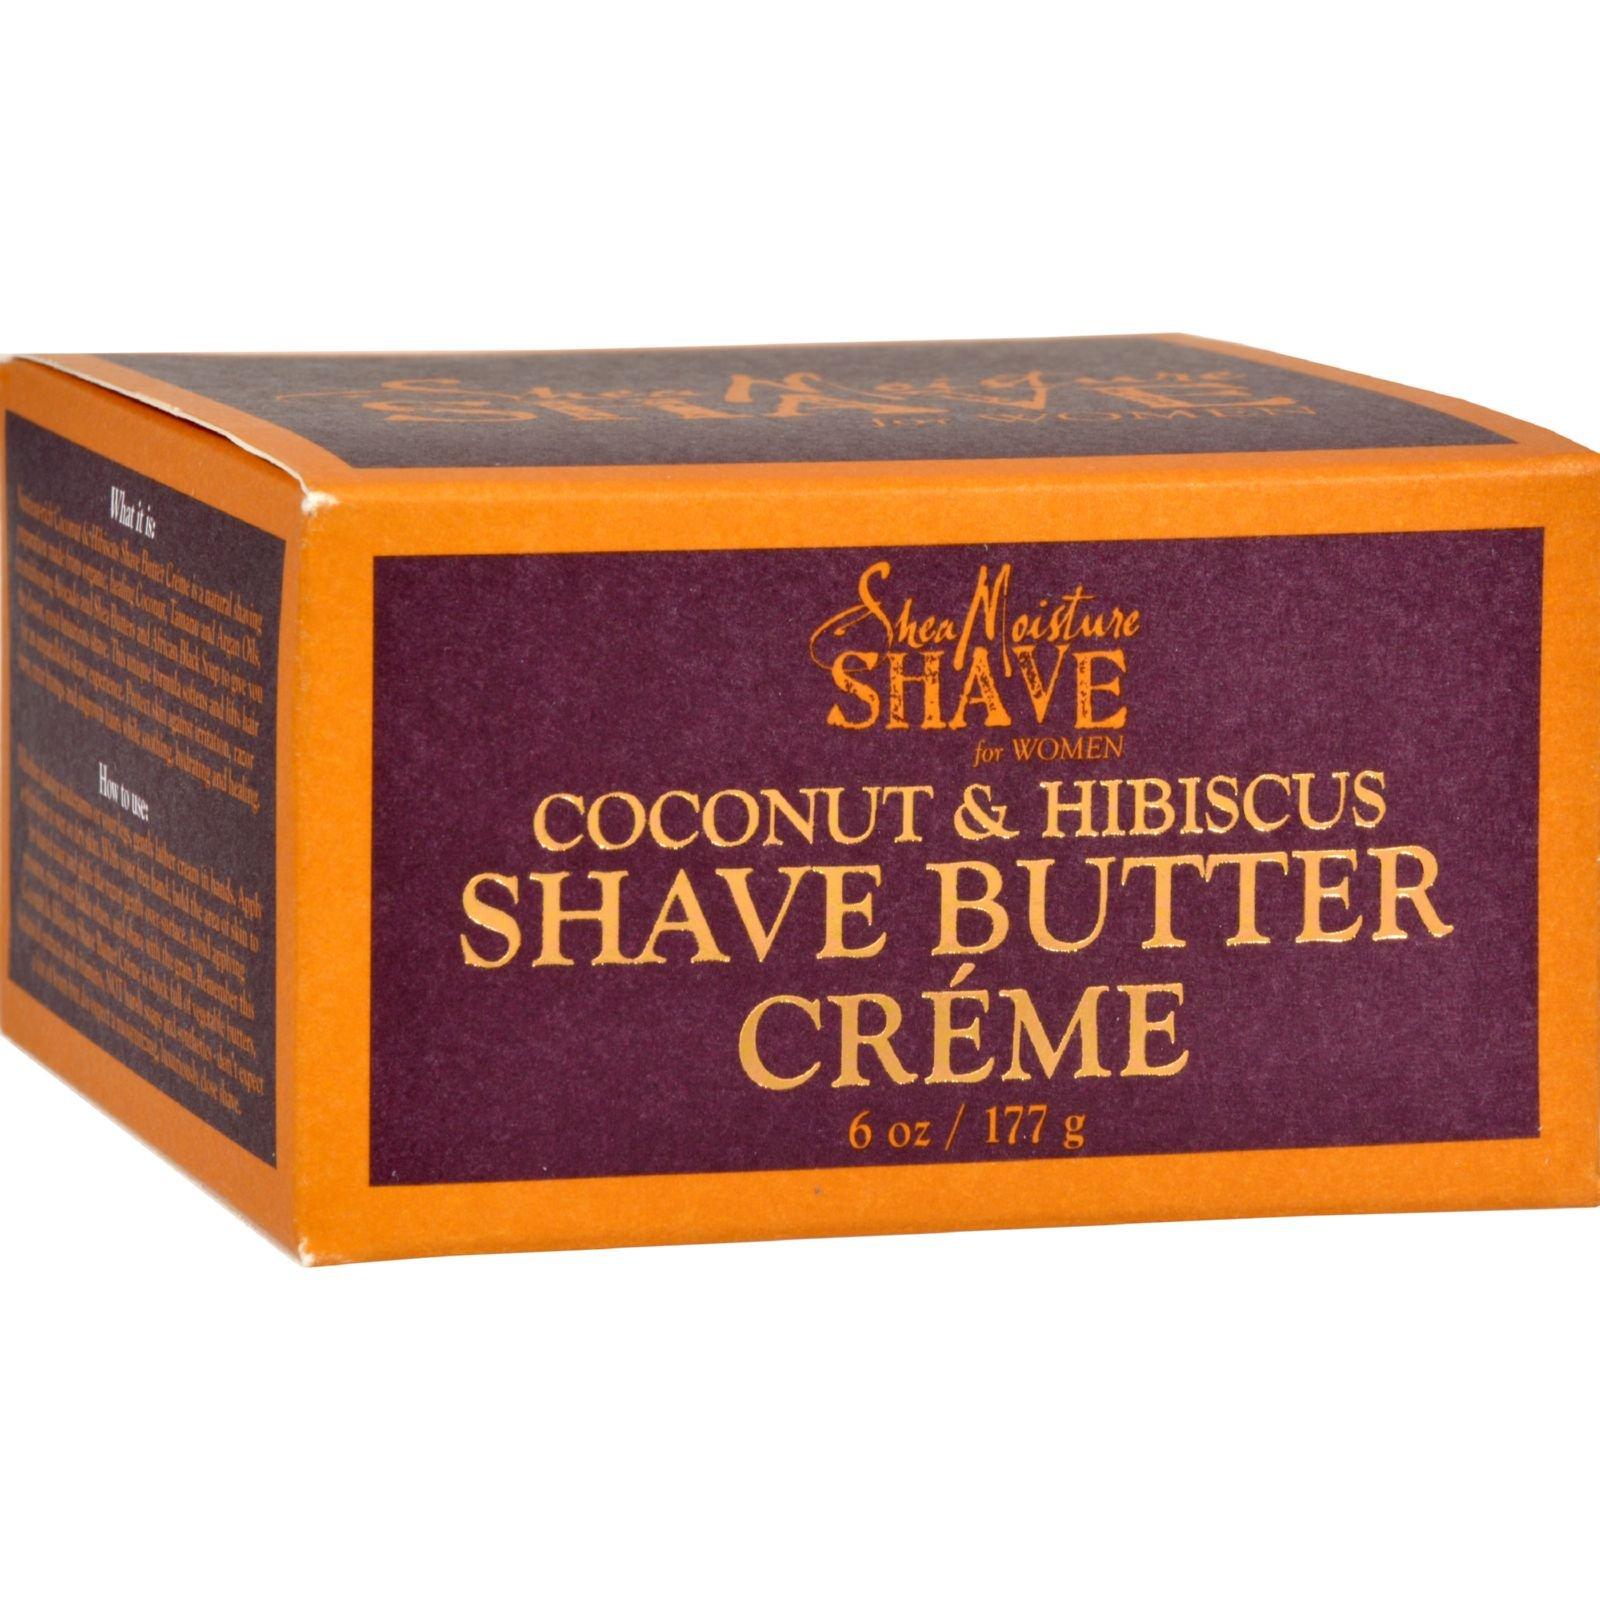 SHEA MOISTURE SHAVE BUTTER,COCONUT, 6 OZ